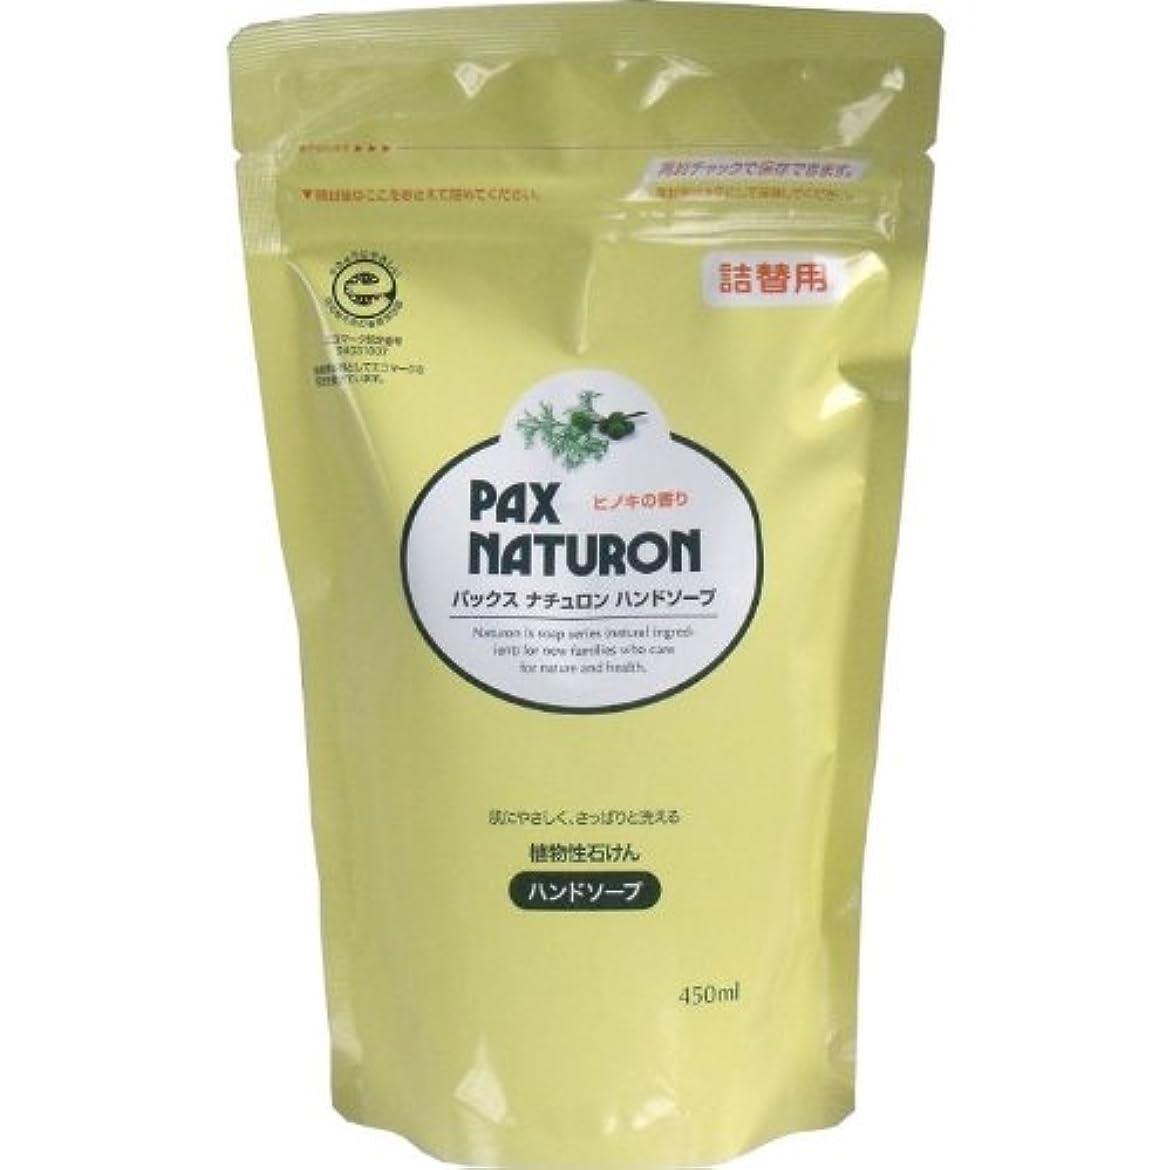 心のこもった流懐肌にやさしく、さっぱりと洗える植物性石けん!植物性ハンドソープ 詰替用 450mL